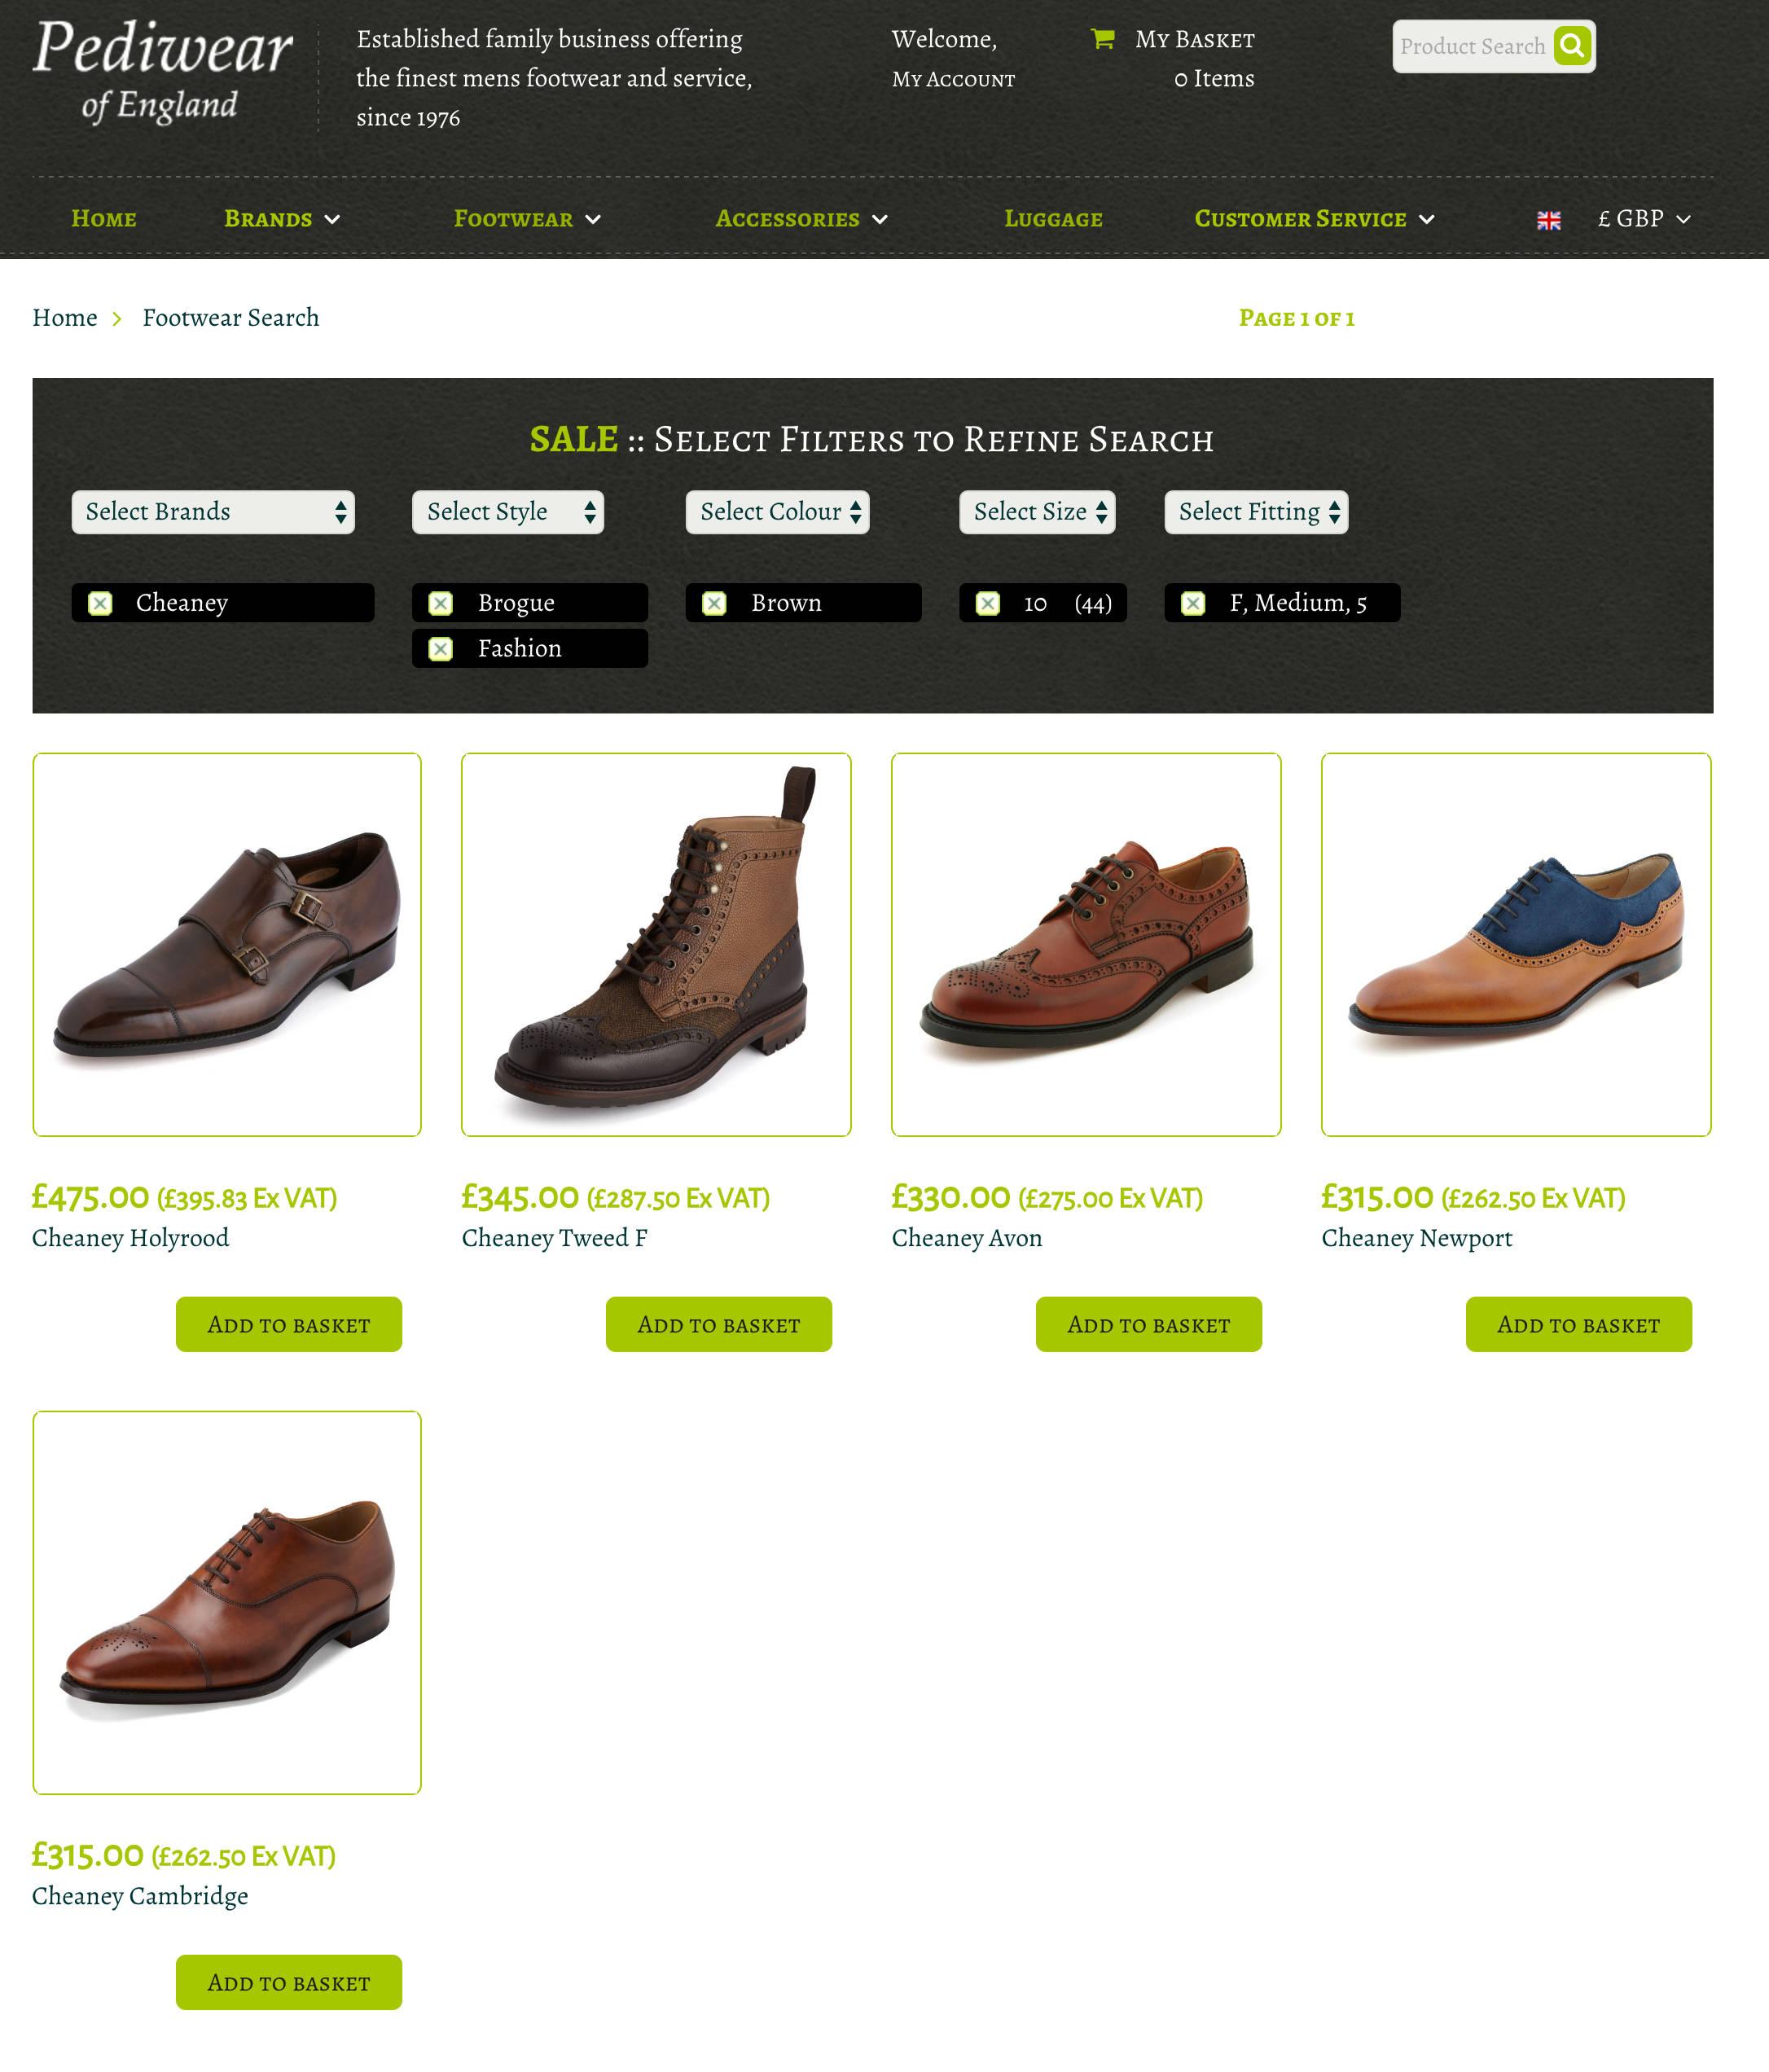 Pediwear Website